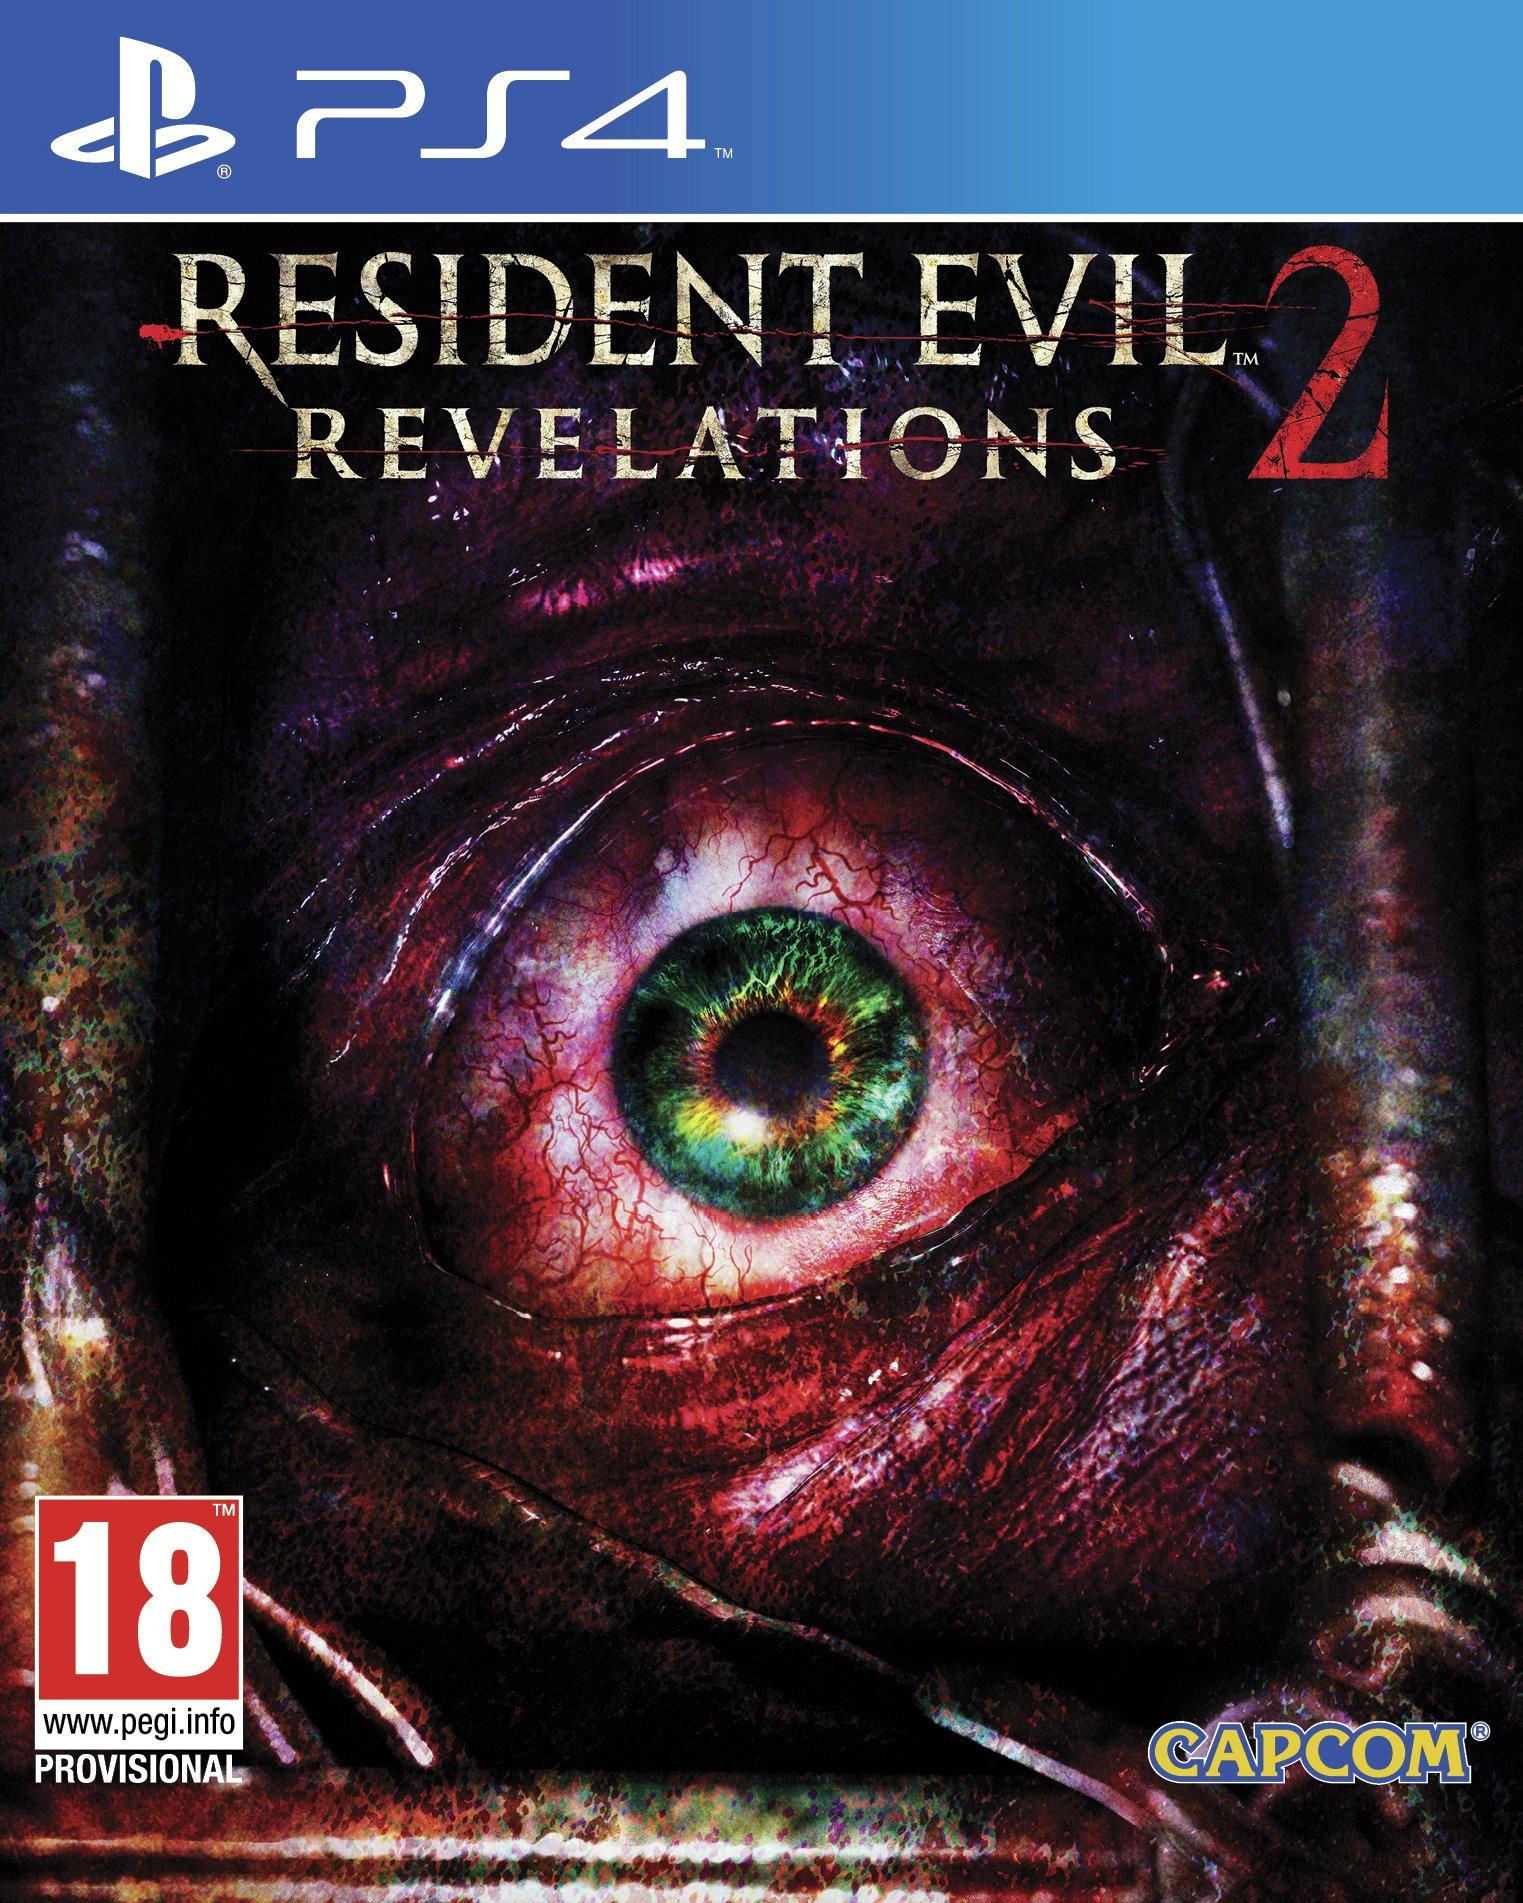 Resident Evil: Revelations 2 PS4 Game